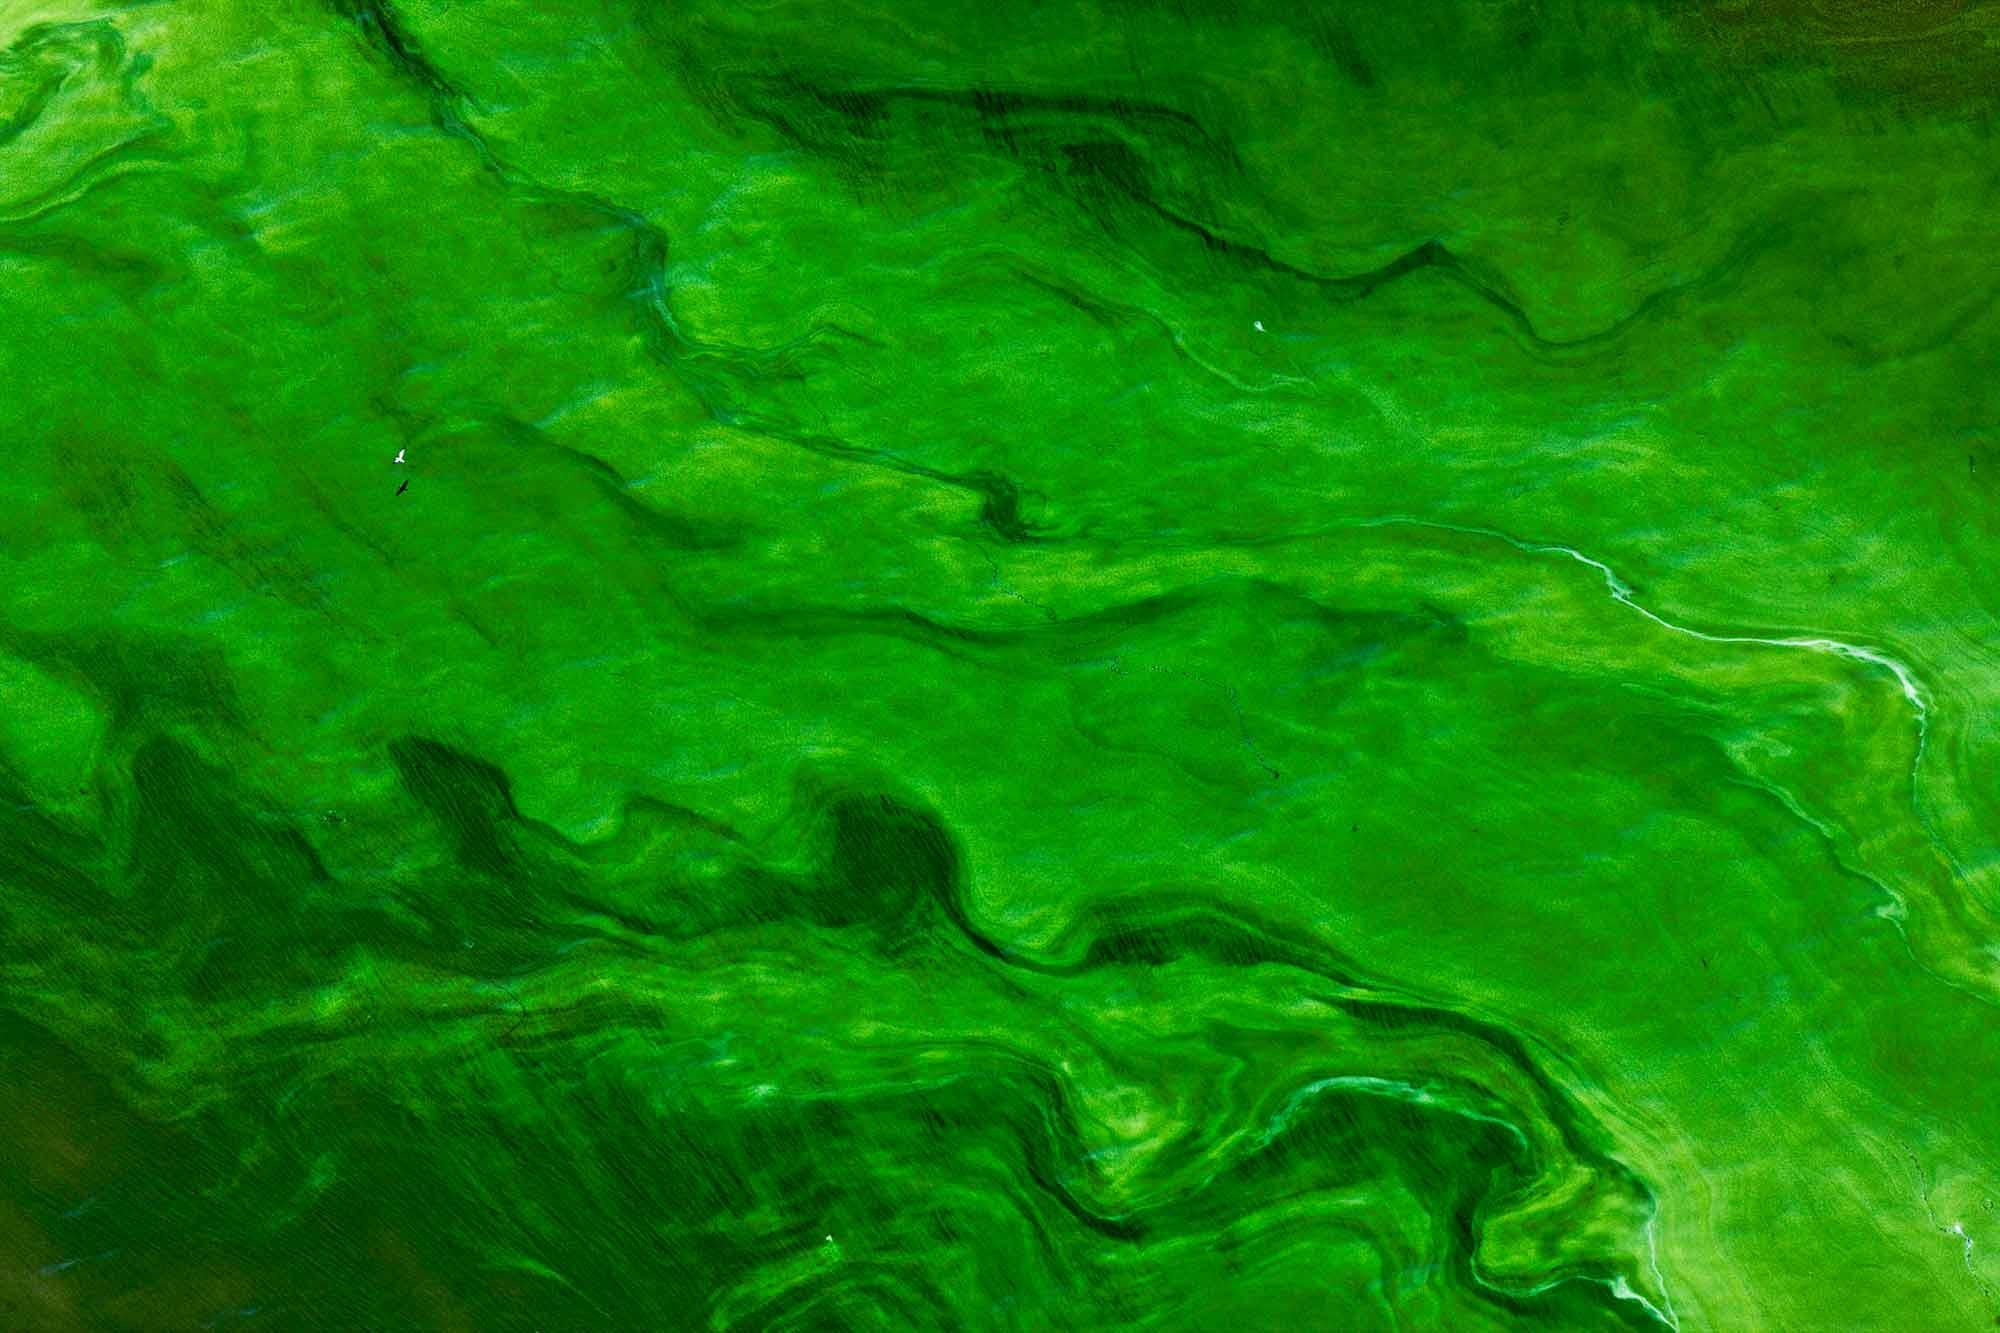 Lake Turkana - Yann Arthus-Bertrand